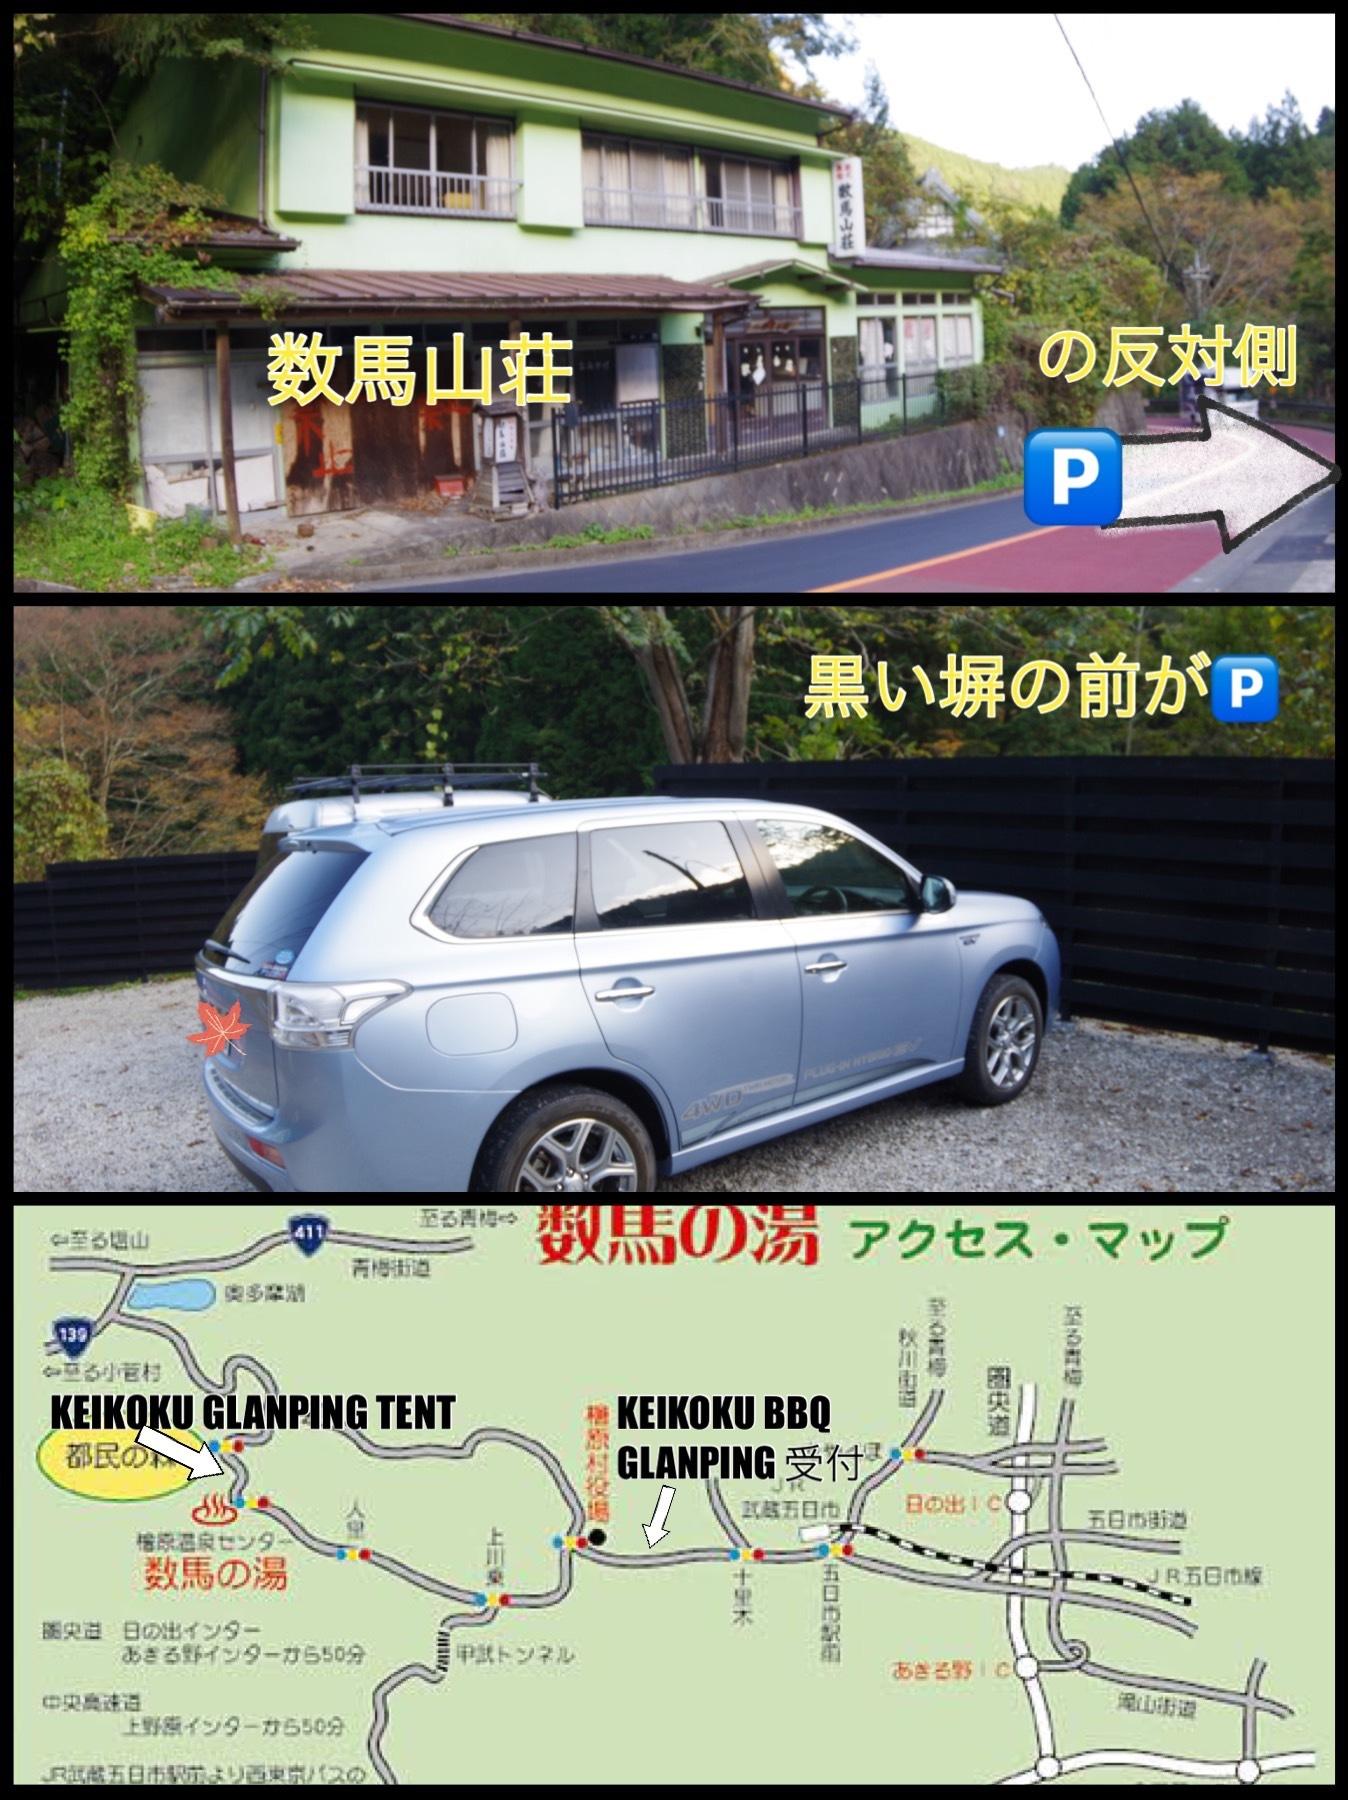 秋川渓谷 KEIKOKU GLANPING TENT アクセス 駐車場